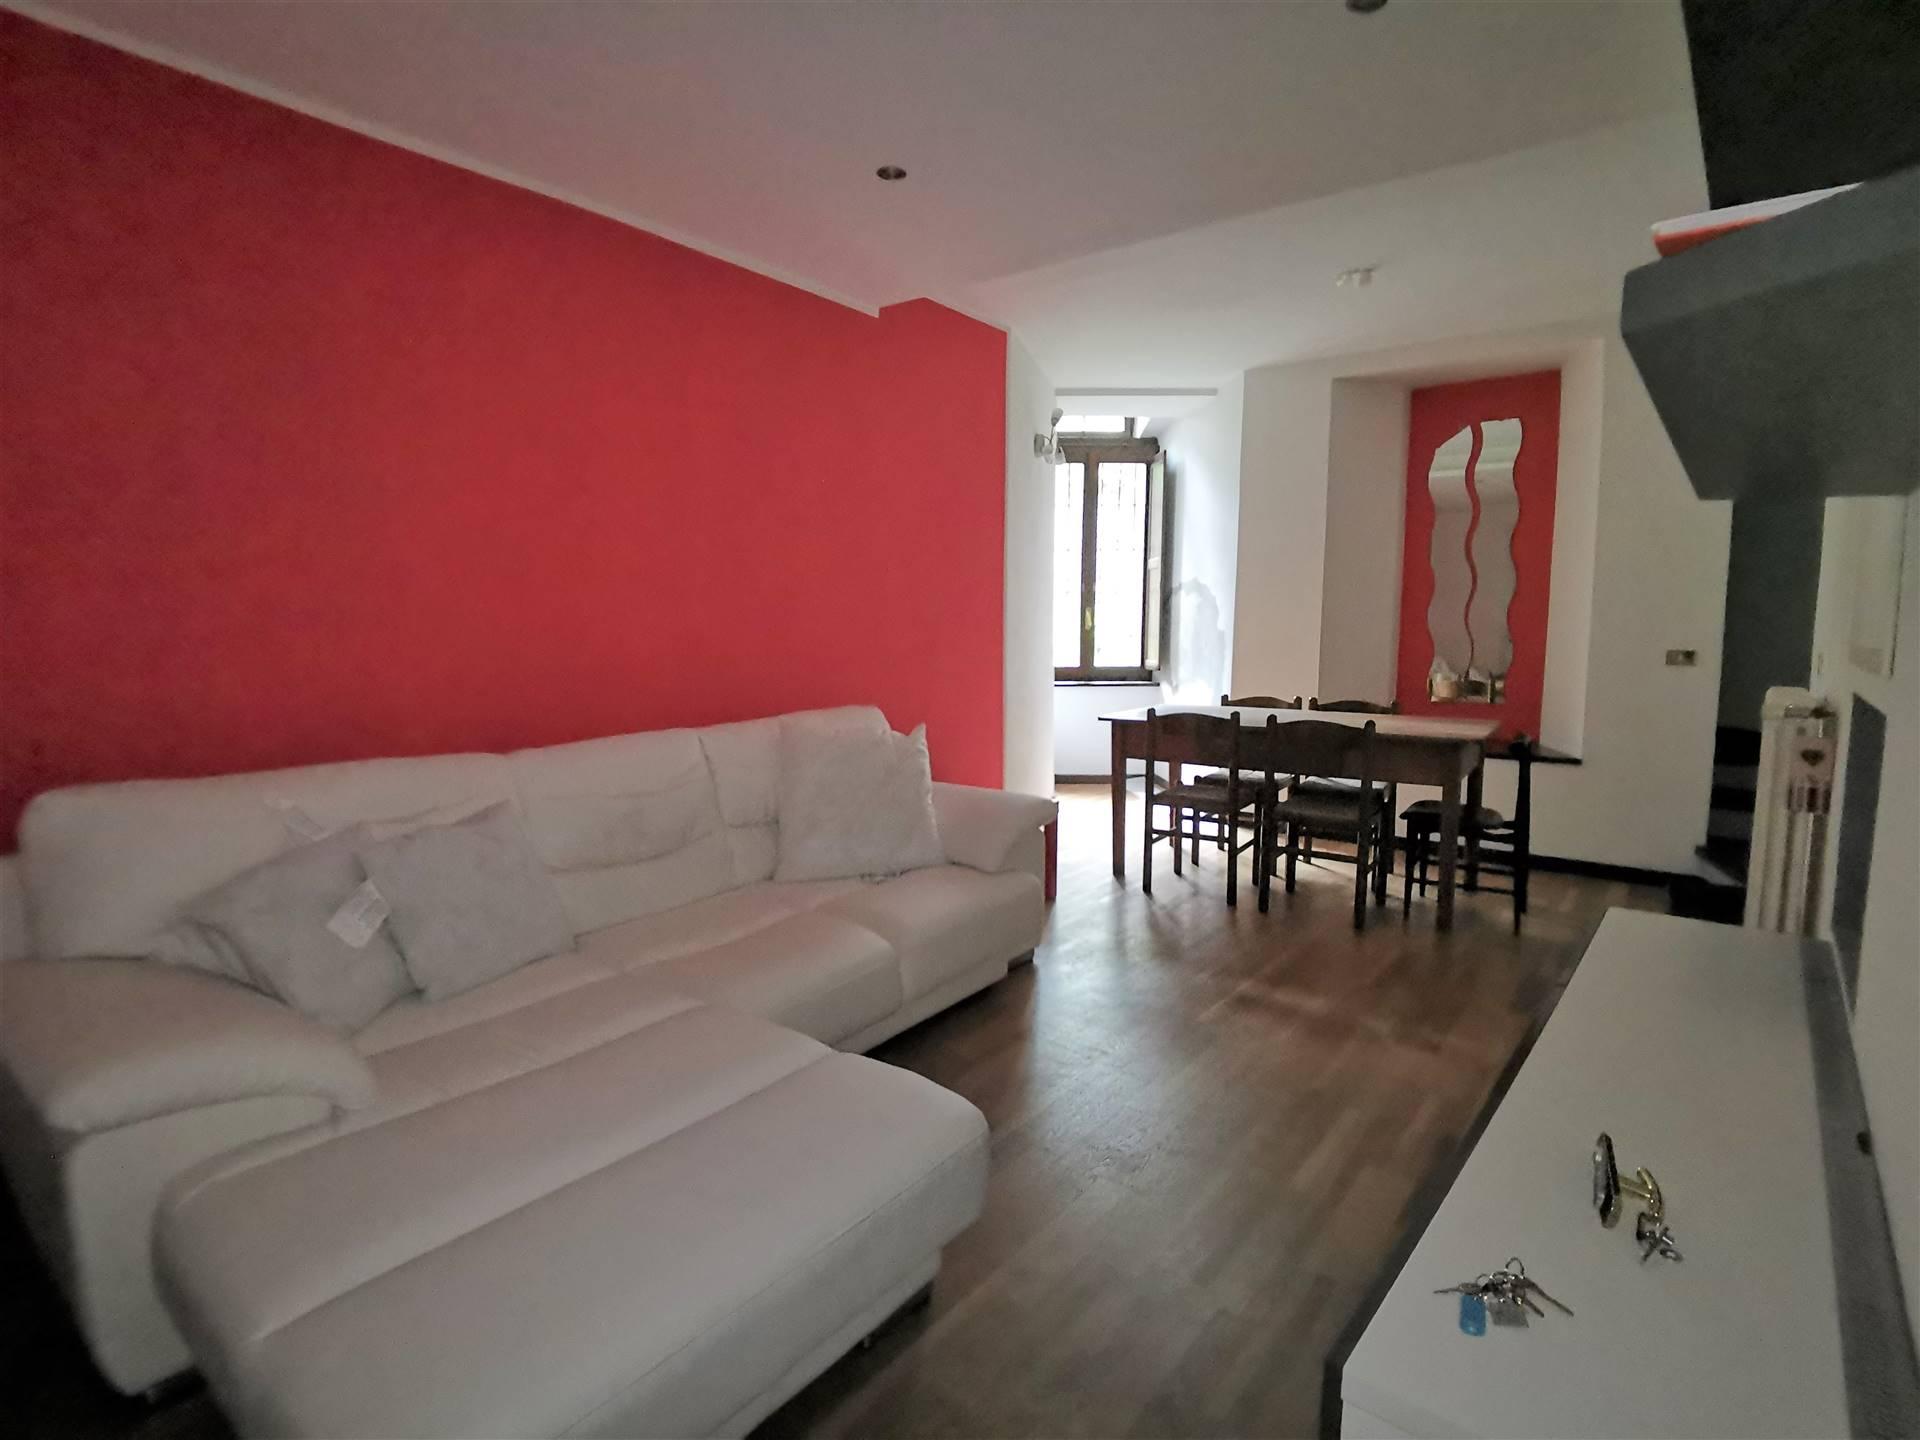 Appartamento in affitto a Sondrio, 2 locali, zona ro storico, prezzo € 450 | PortaleAgenzieImmobiliari.it